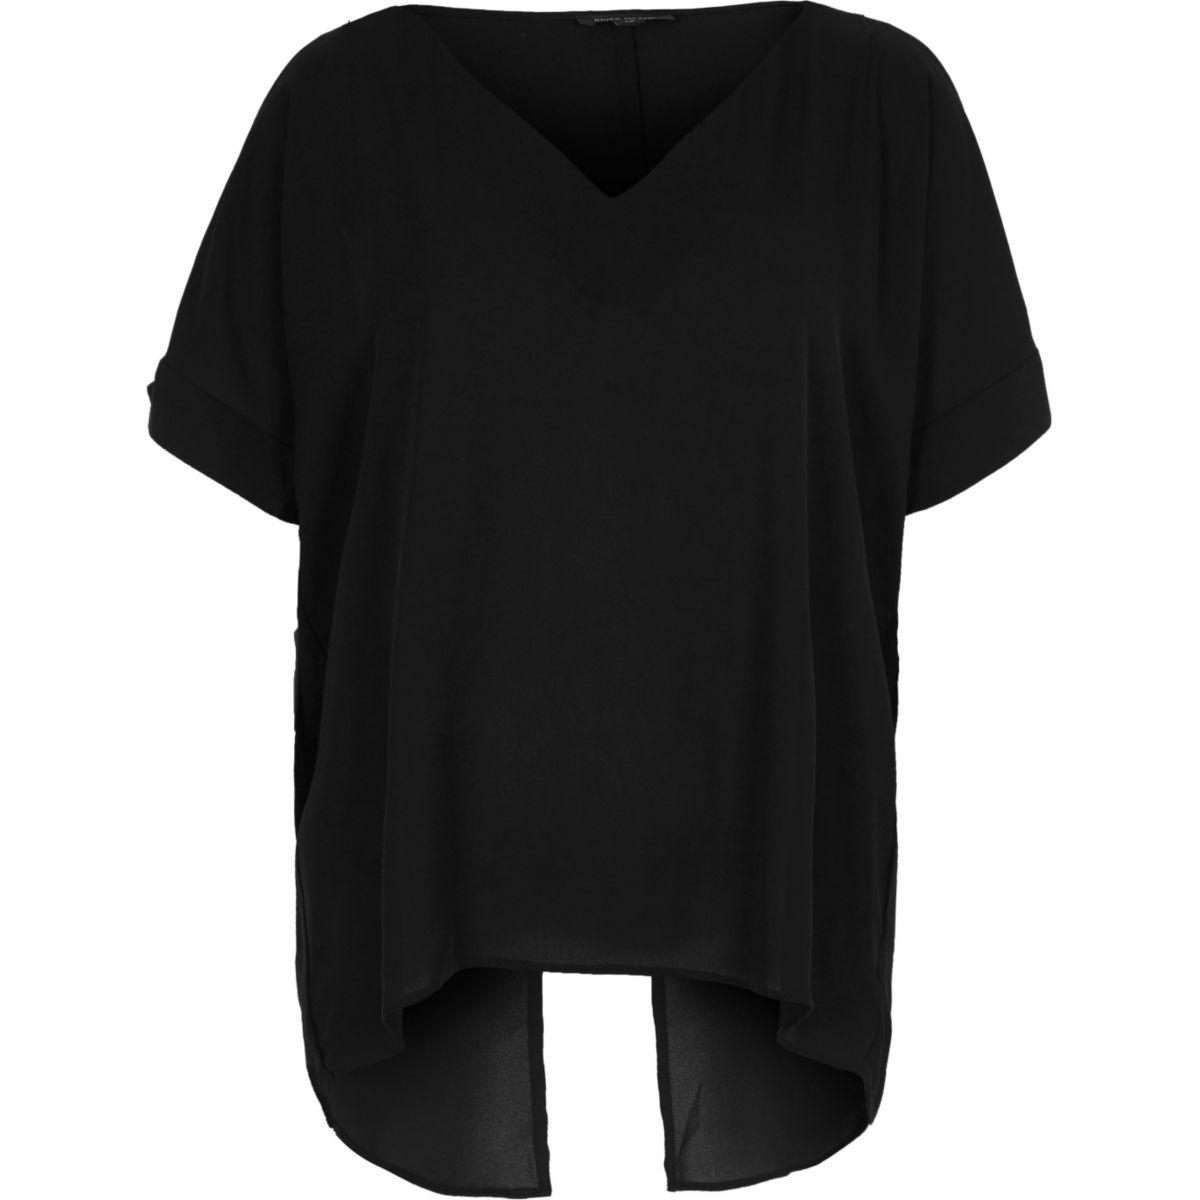 Black cold shoulder V-neck top